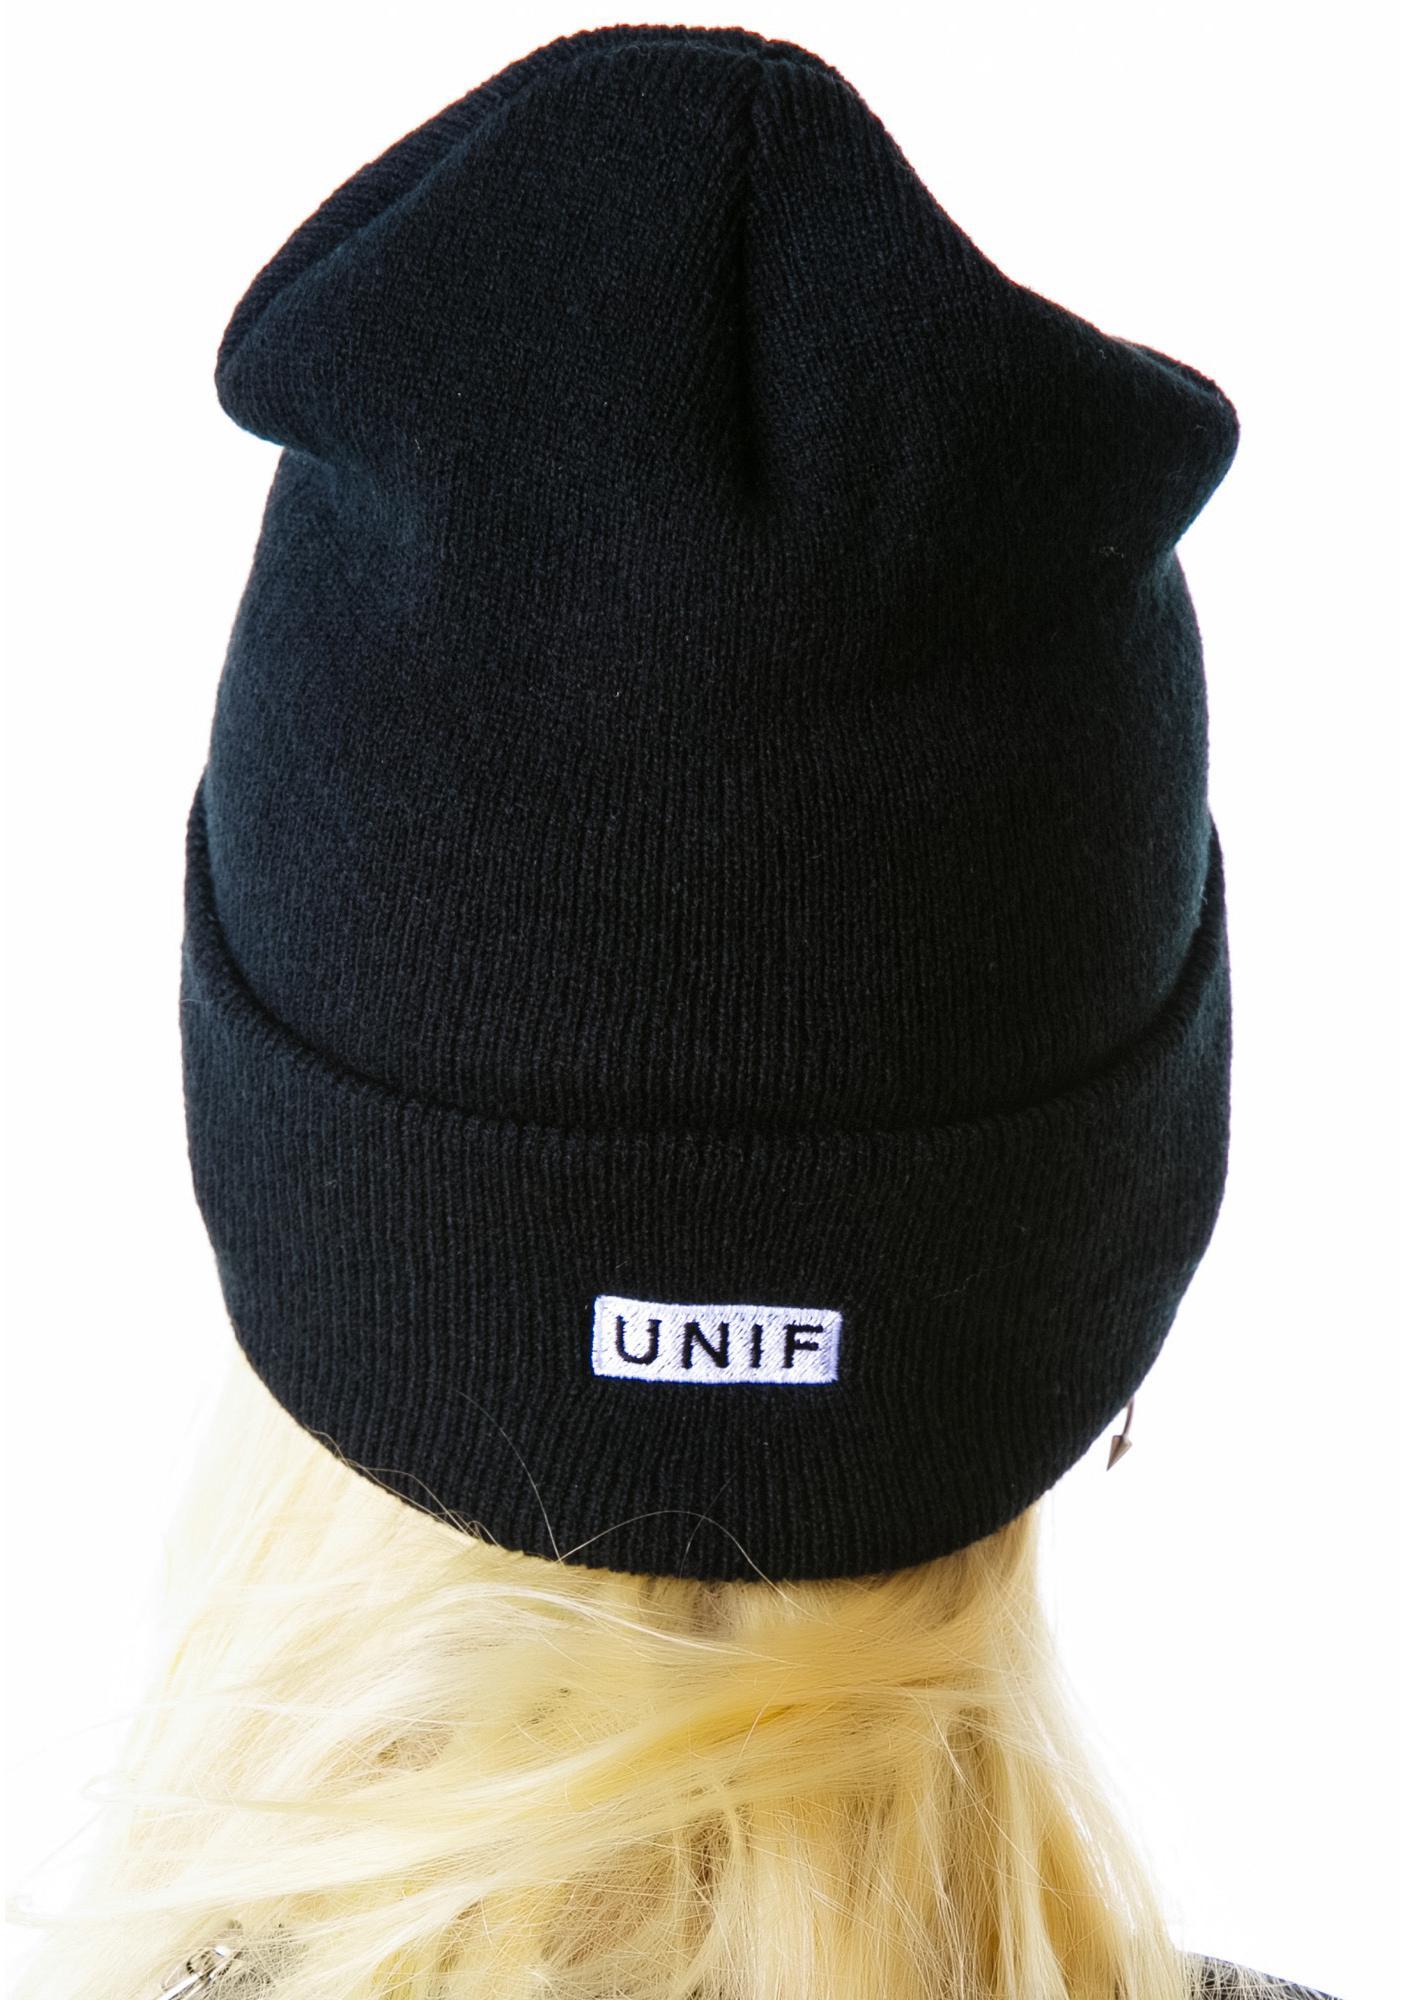 UNIF Boners Beanie